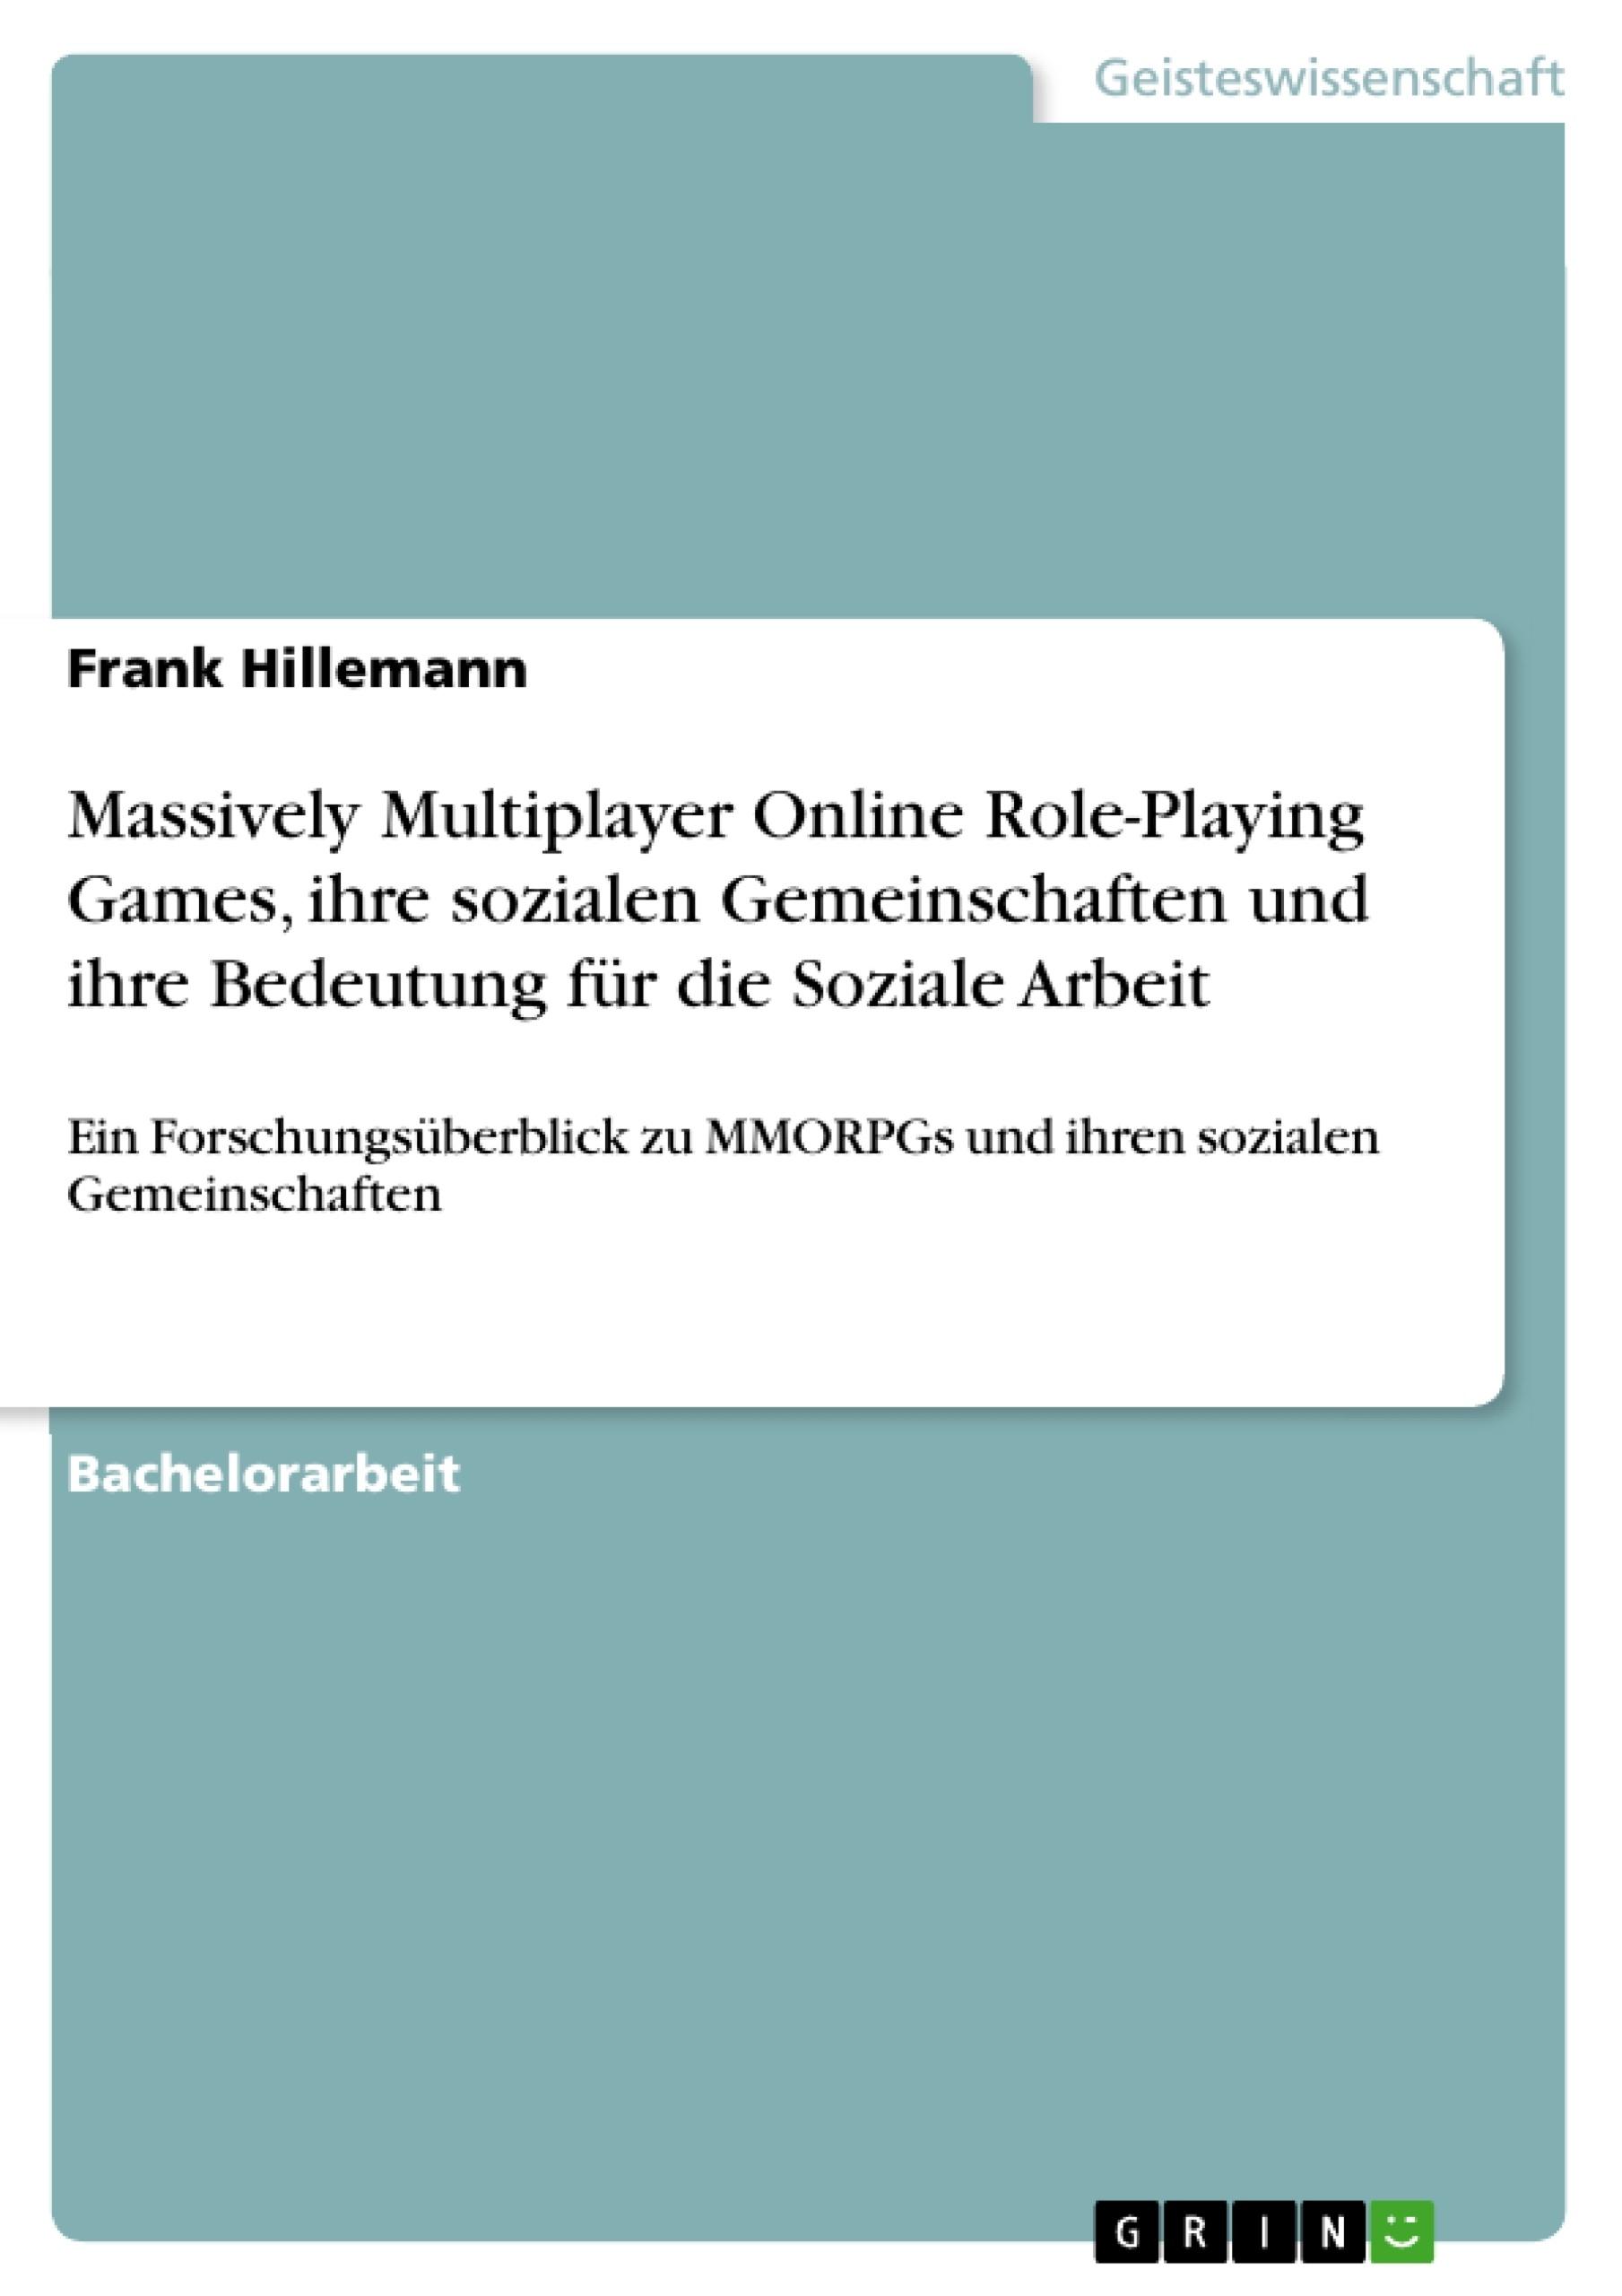 Titel: Massively Multiplayer Online Role-Playing Games, ihre sozialen Gemeinschaften und ihre Bedeutung für die Soziale Arbeit